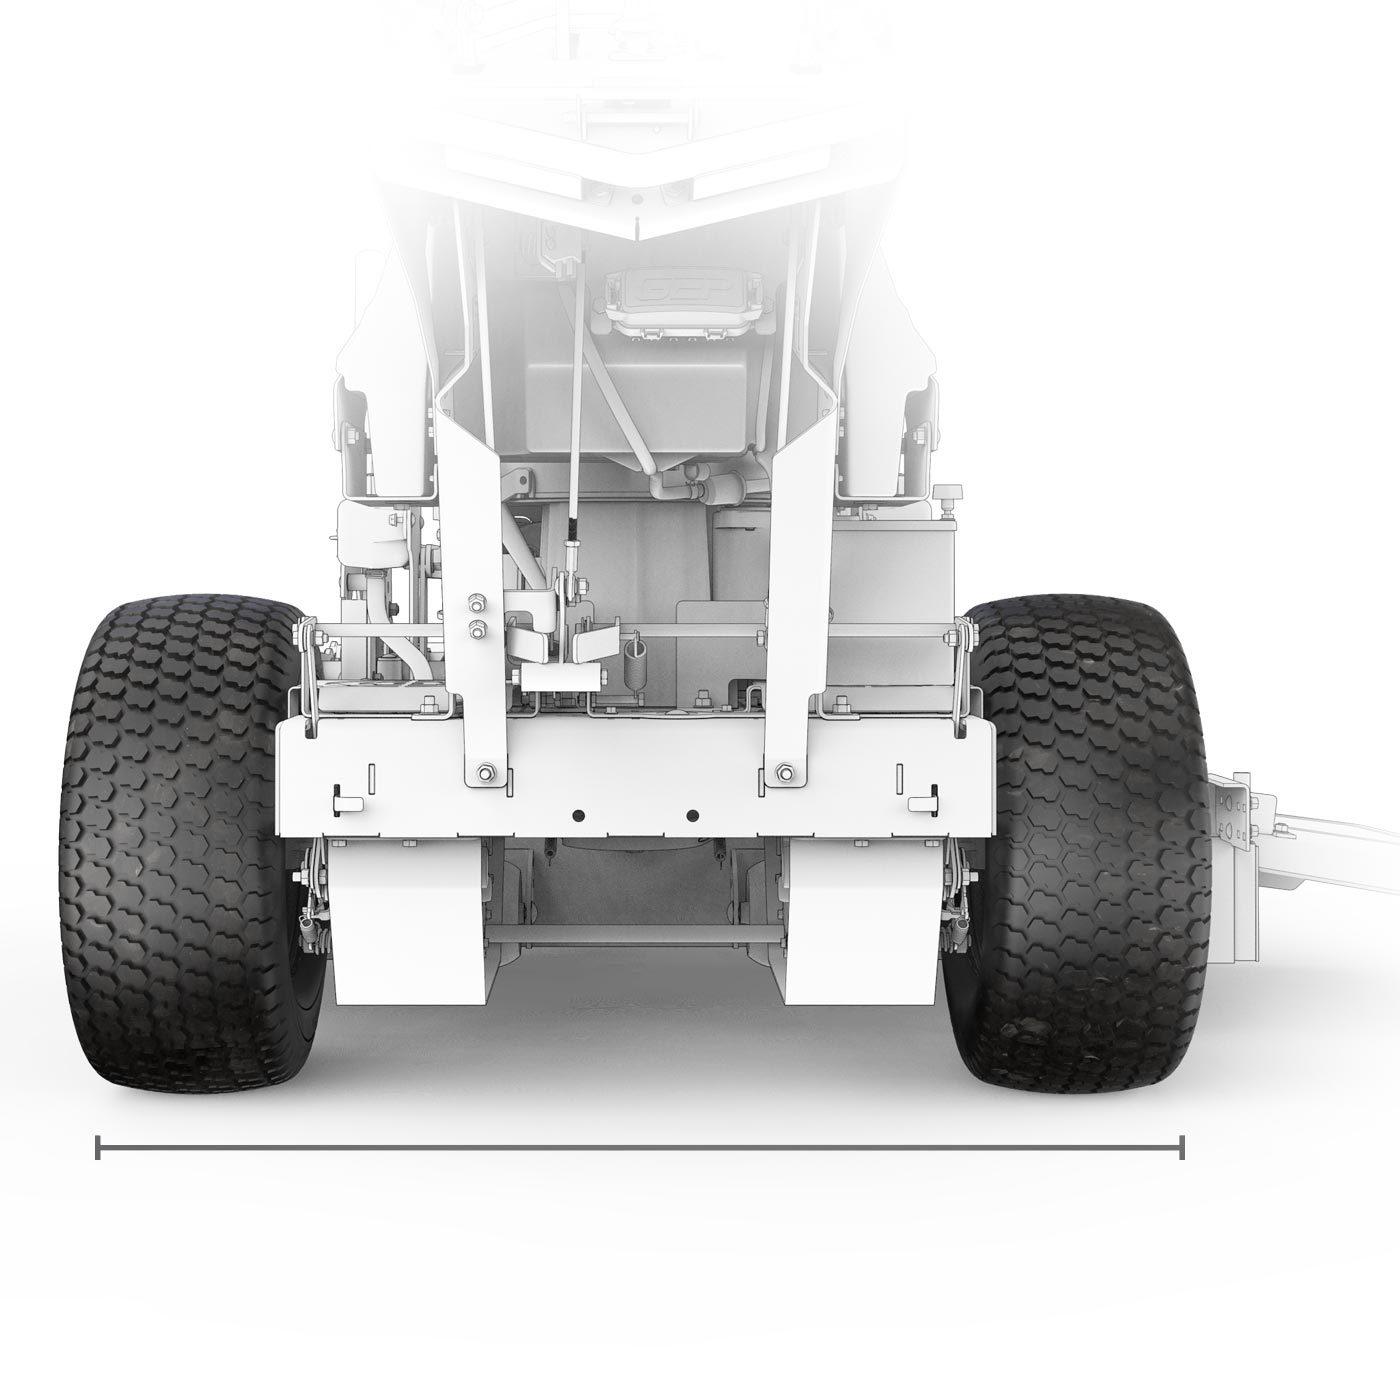 gravely-pro-walk-hydro-wide-wheel-base